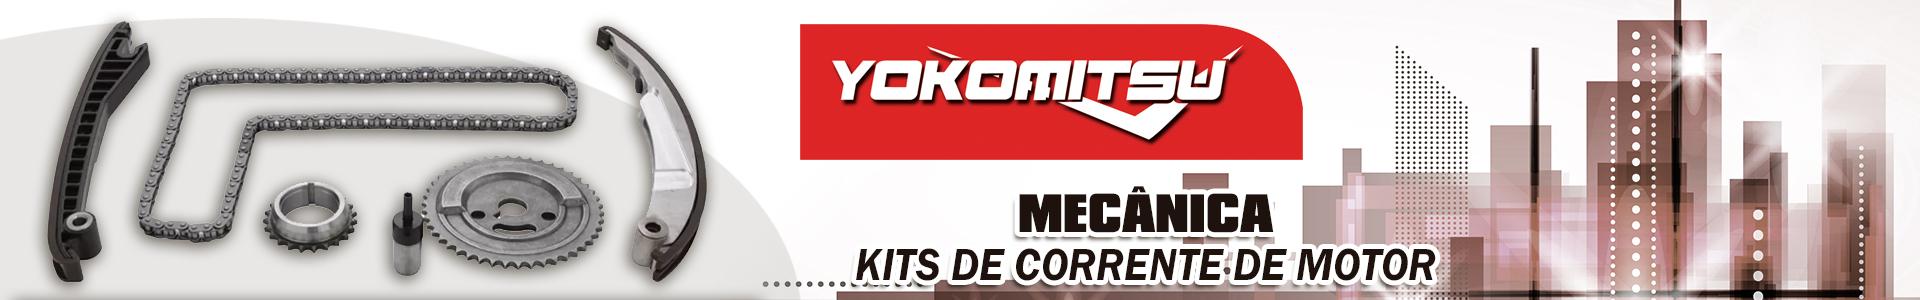 Yokomitsu